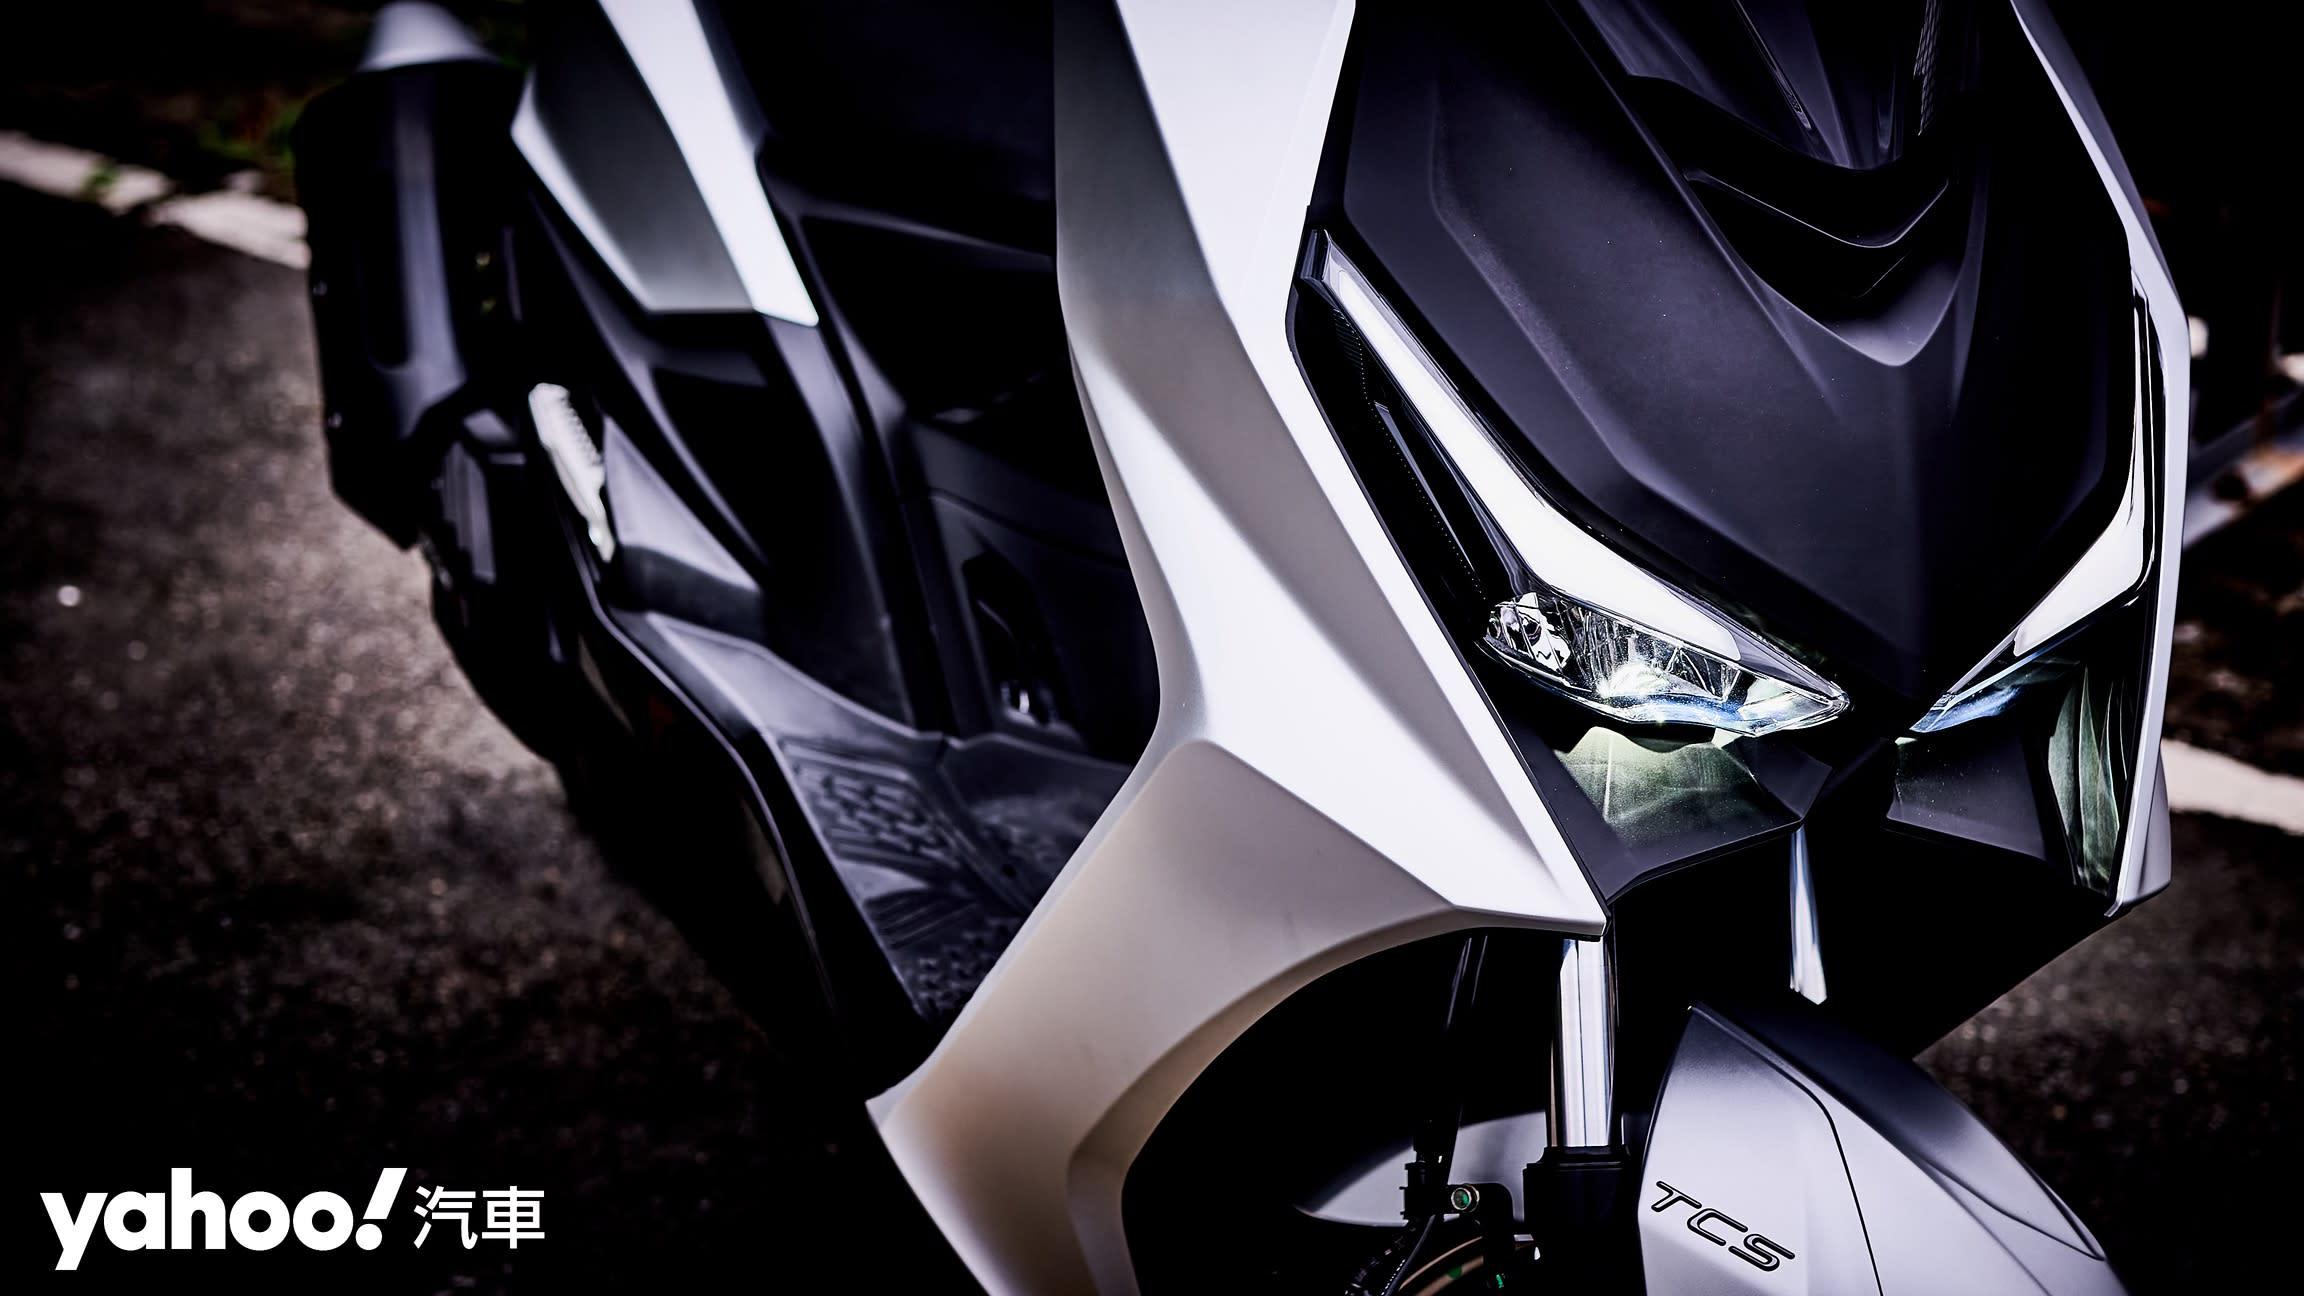 毫無疑問!近10年國產最強普重速克達!2021 Kymco全新KRV賽道試駕體驗